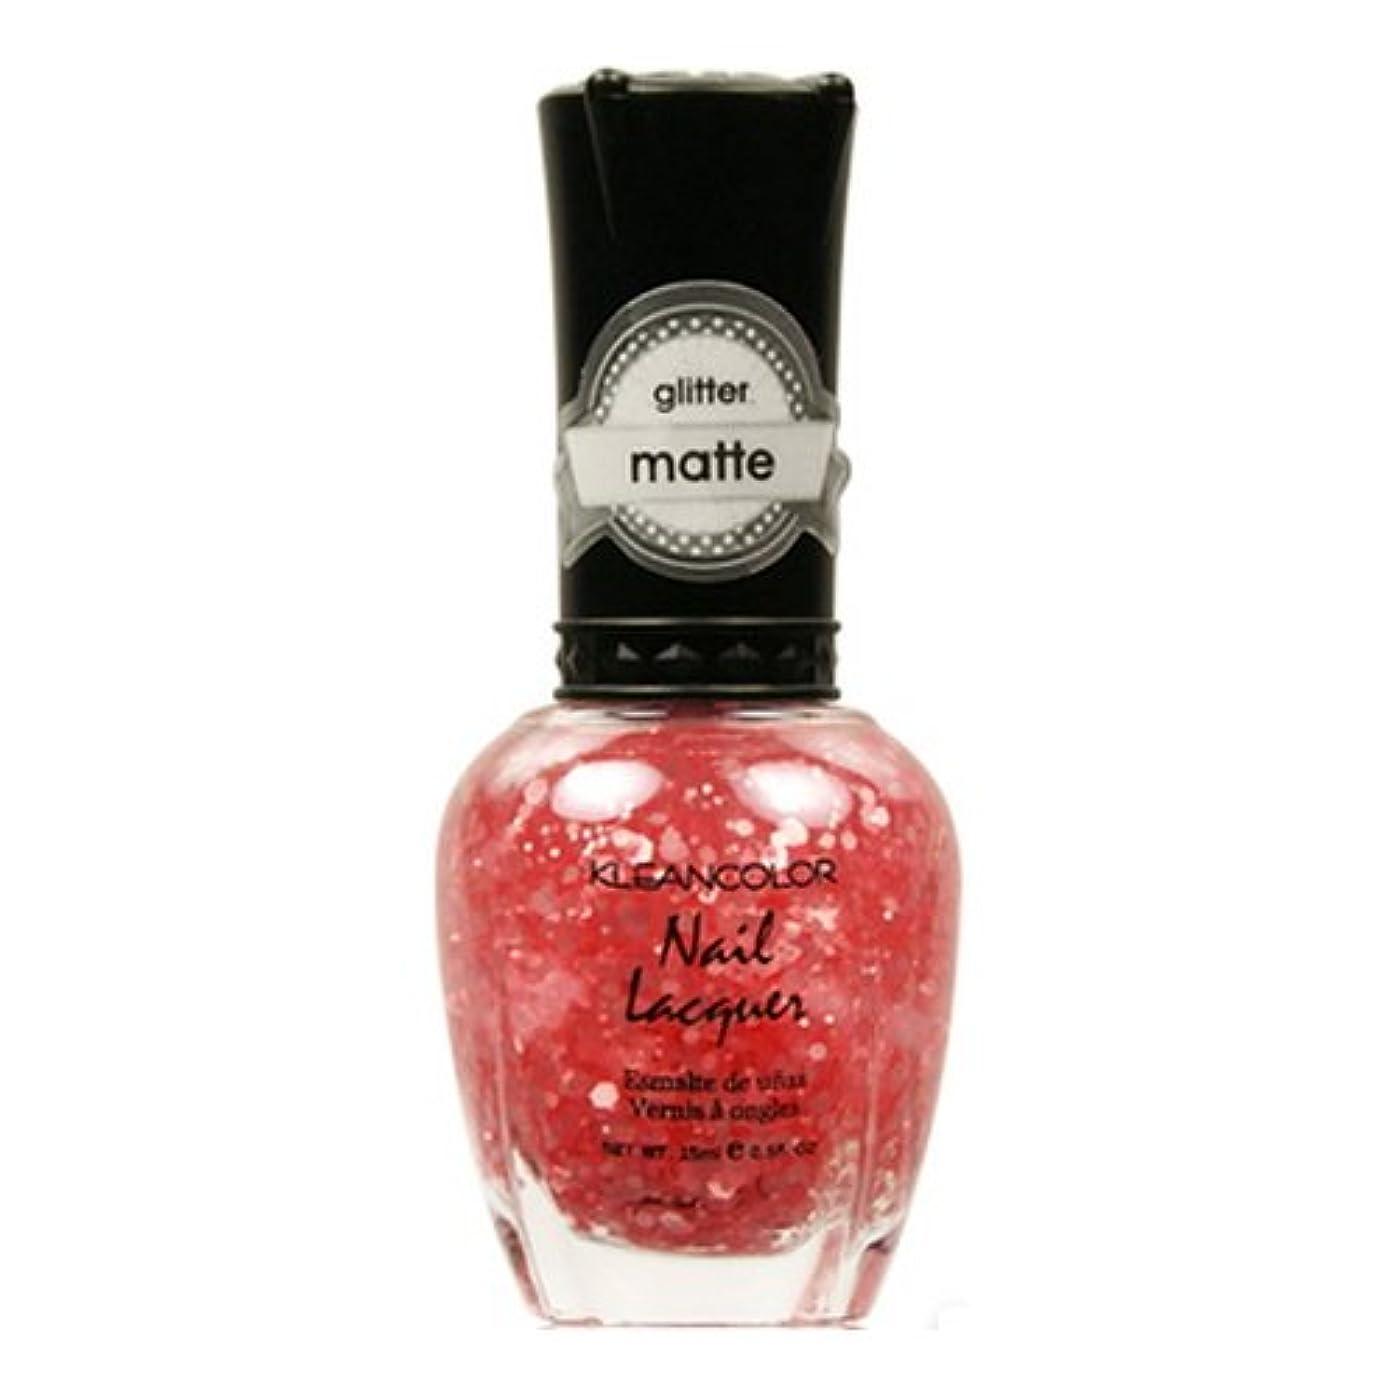 ガラス怪物予想する(3 Pack) KLEANCOLOR Glitter Matte Nail Lacquer - Blush Pink (並行輸入品)